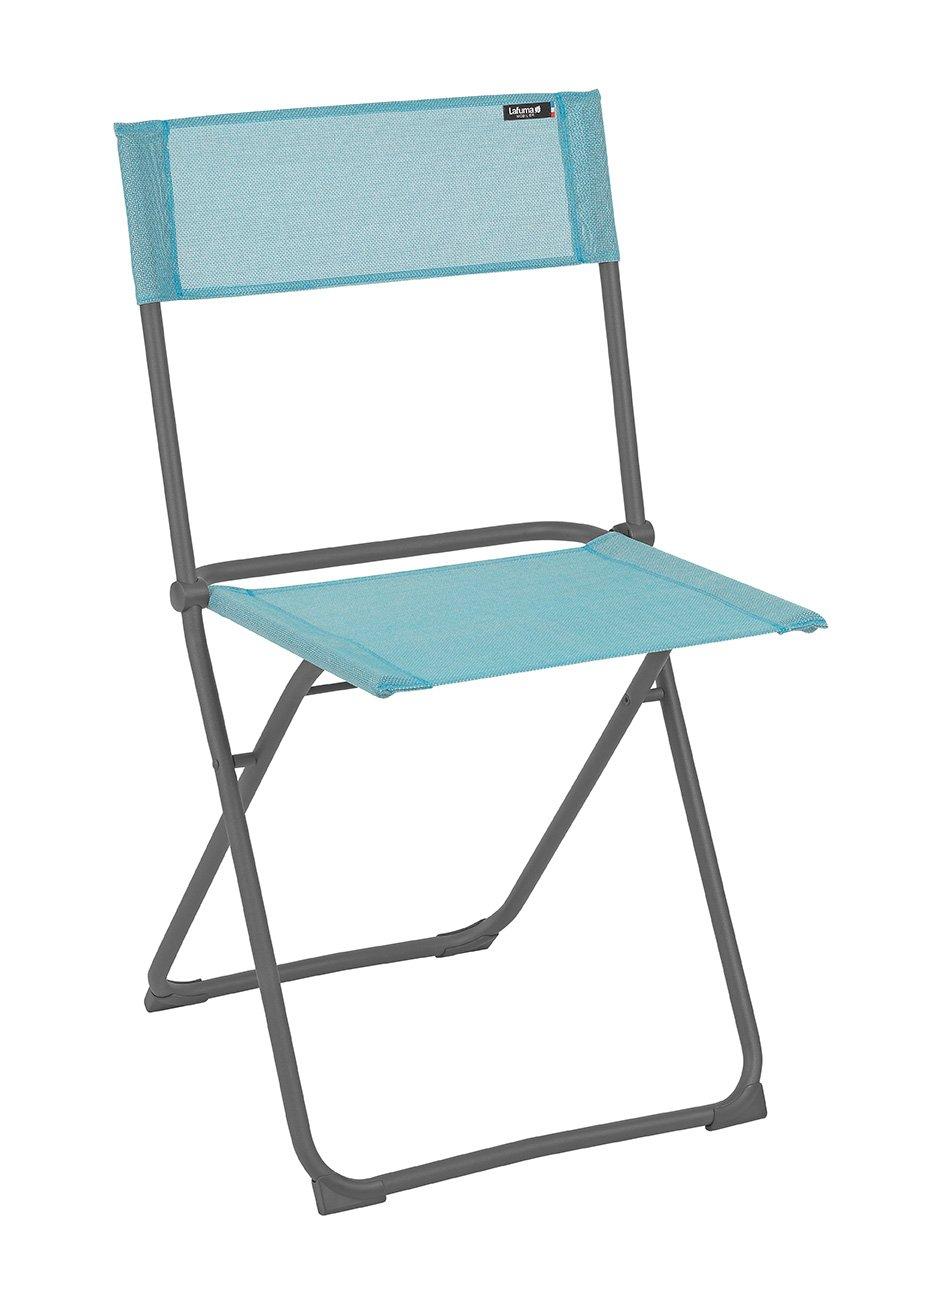 Lafuma Kompakter Klappstuhl, für Terrasse, Garten und Balkon, Batyline, hellblau